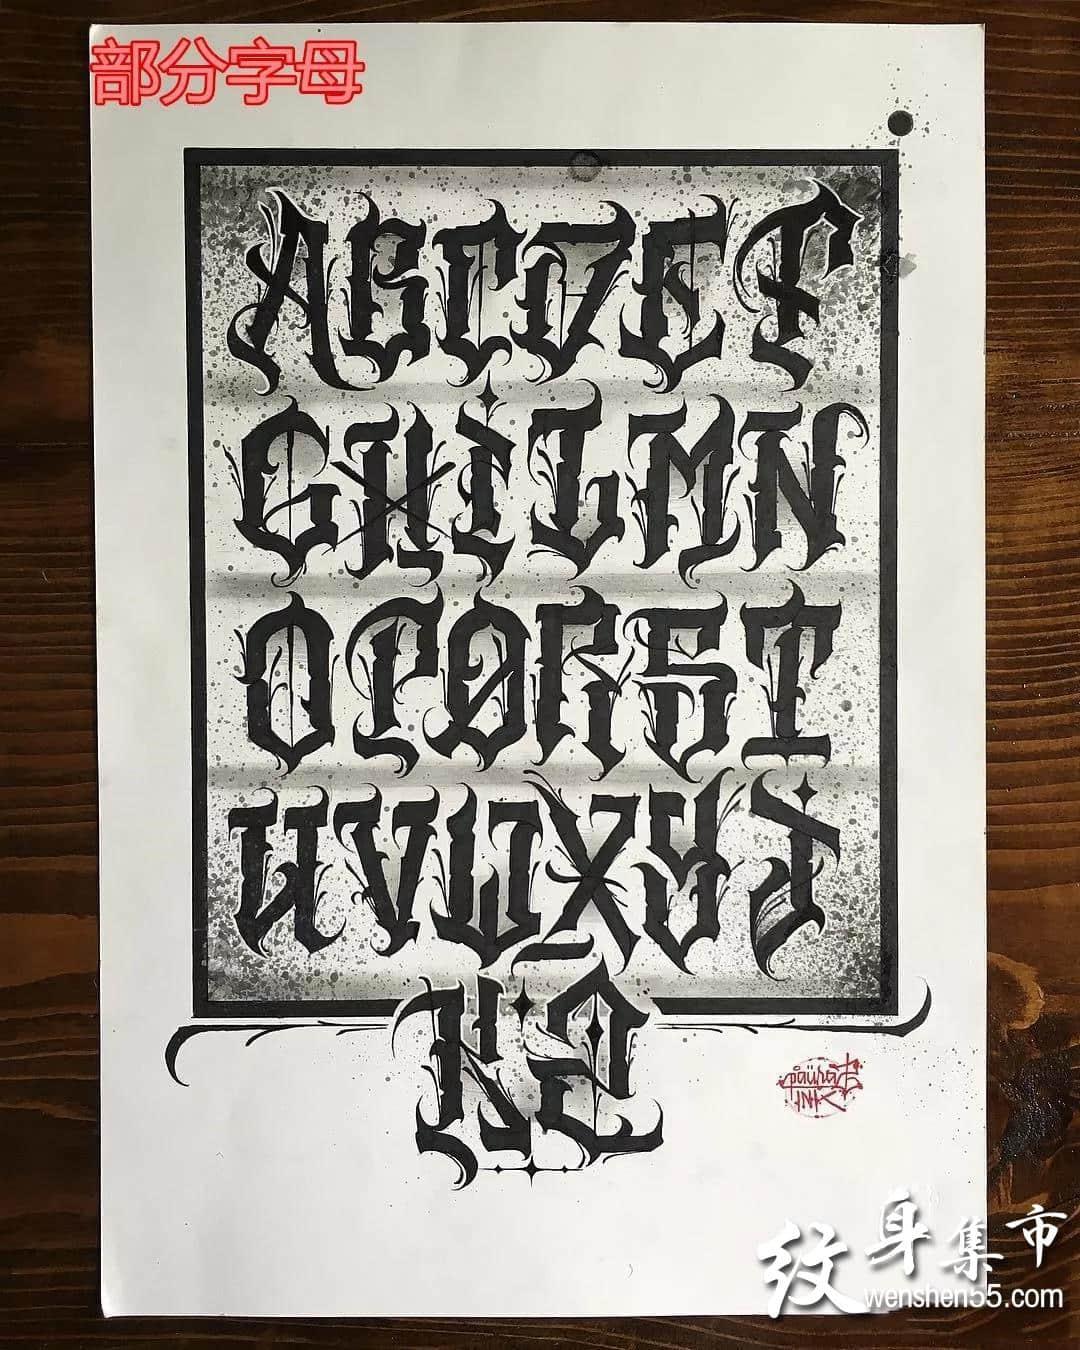 花体字纹身,花体字纹身手稿,花体字纹身手稿图案